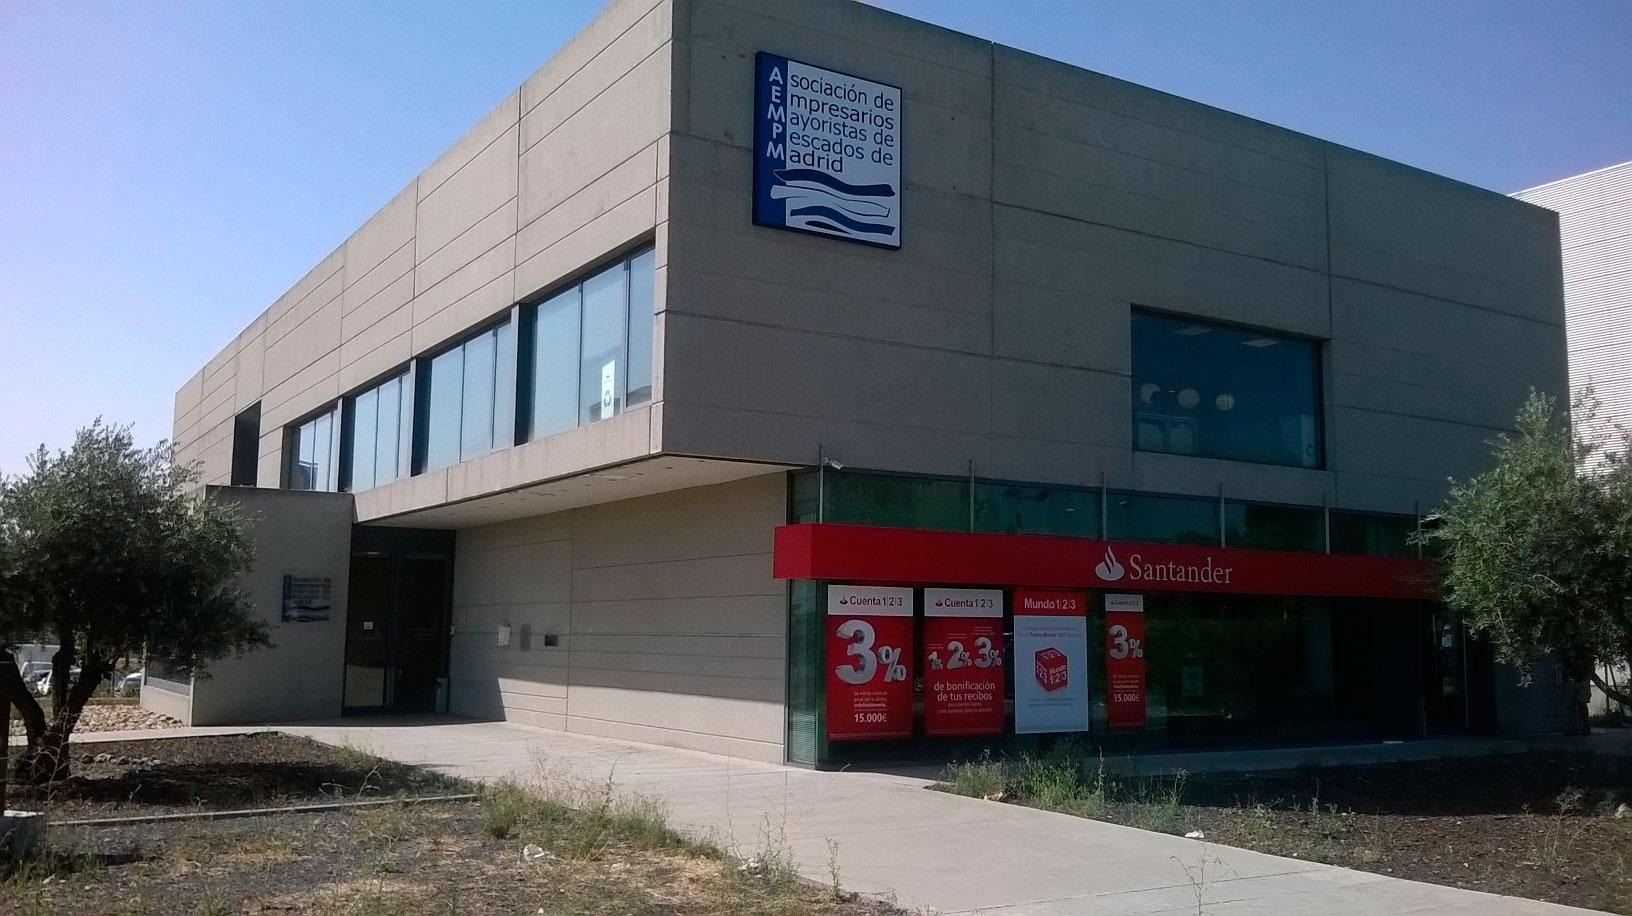 Edificio de la asociacion de empresarios mayoristas de pescados de madrid AEMPM Historia de la aempm Historia de la aempm